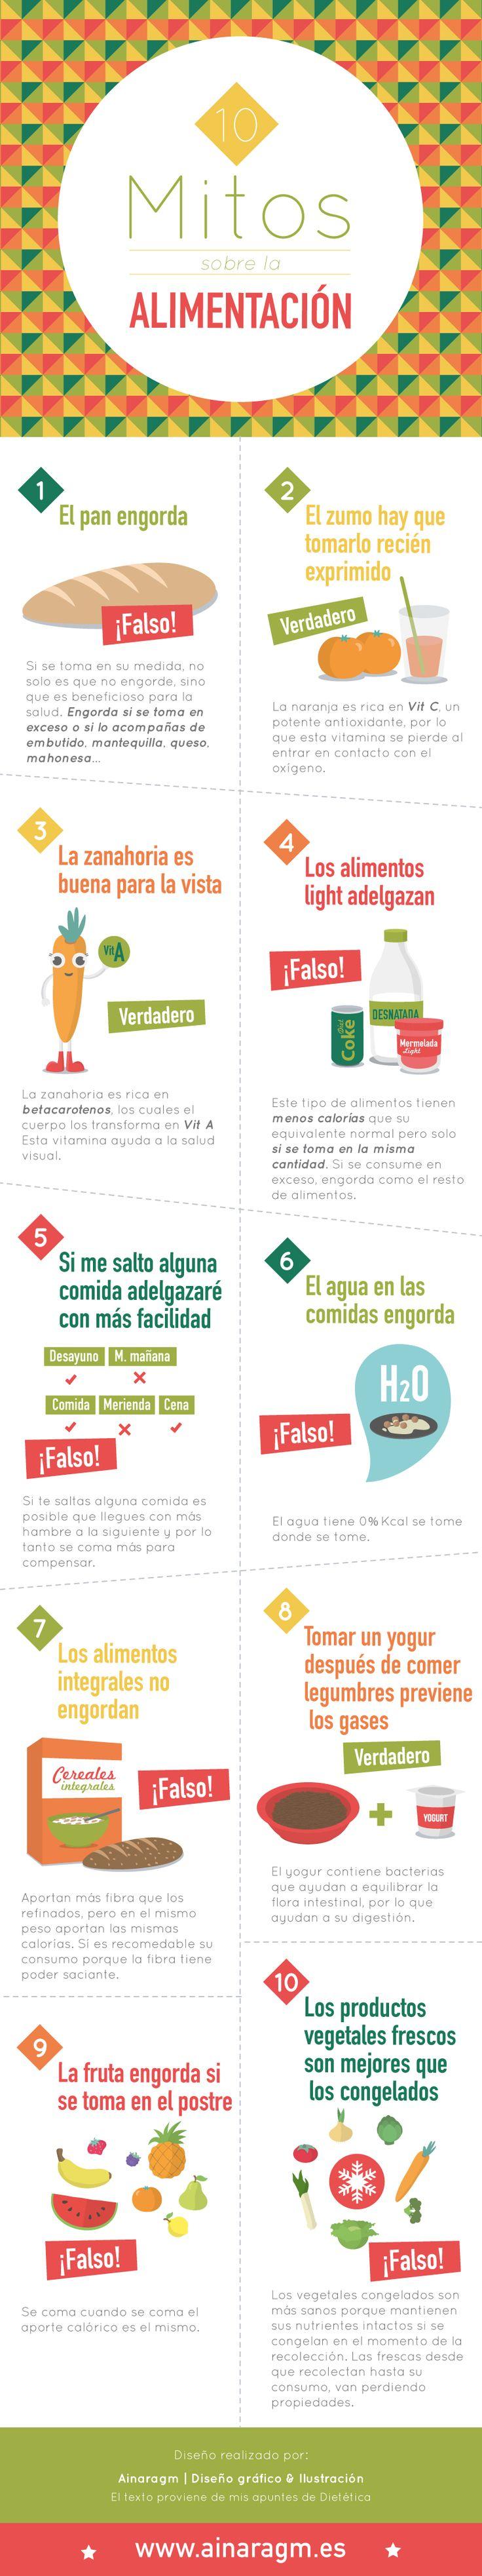 Infografía sobre los mitos en la alimentación